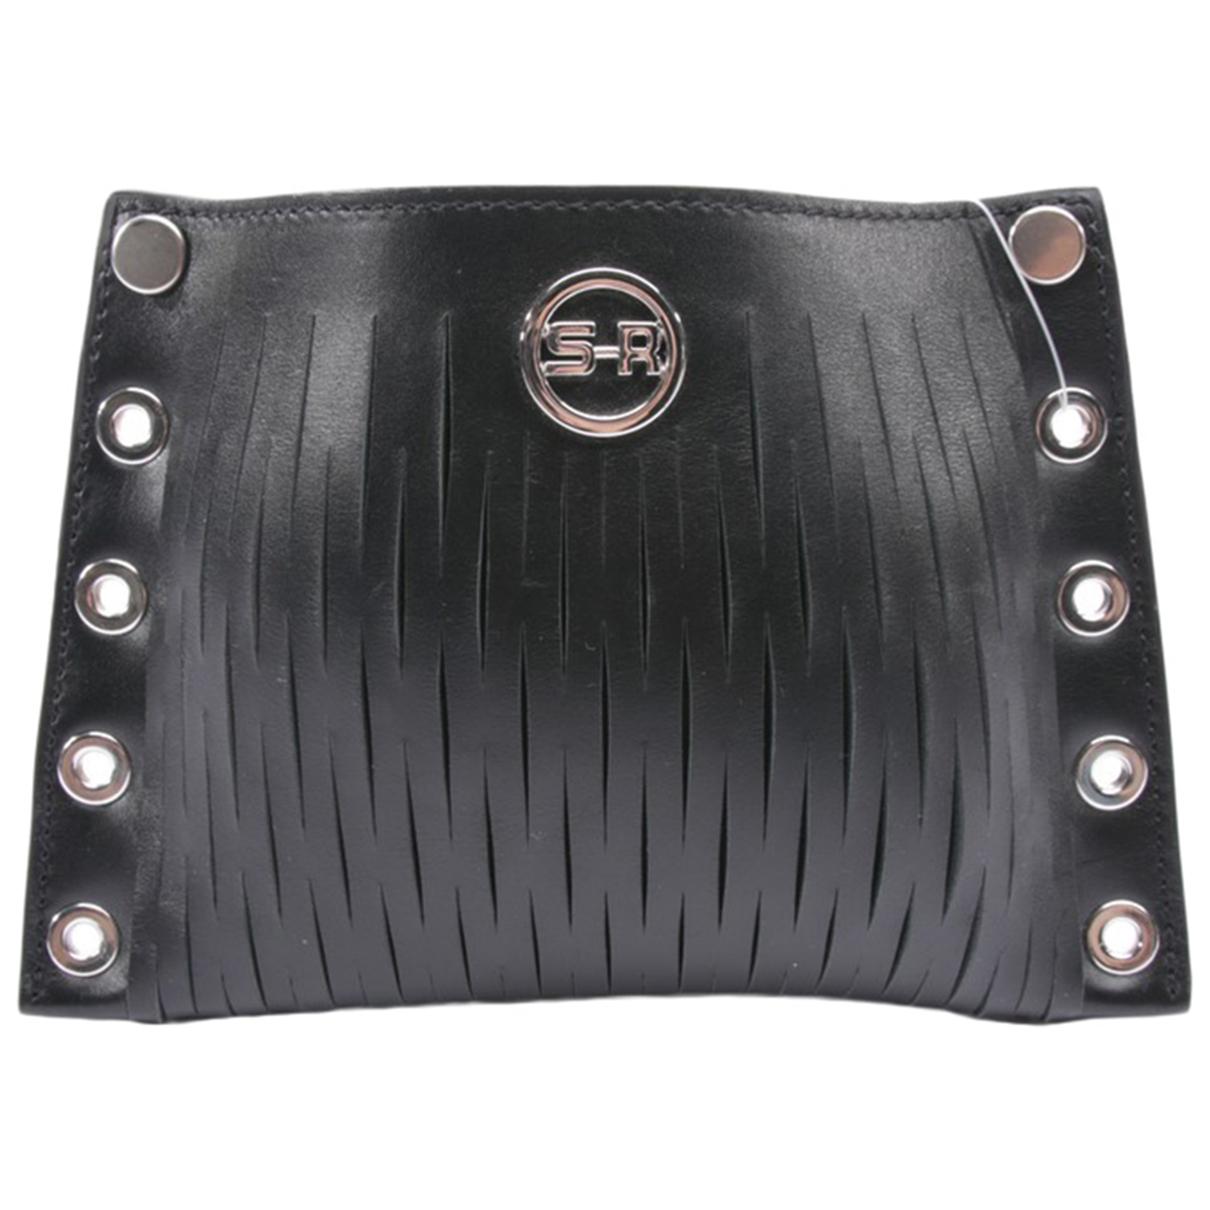 Sonia Rykiel \N Black Leather Clutch bag for Women \N